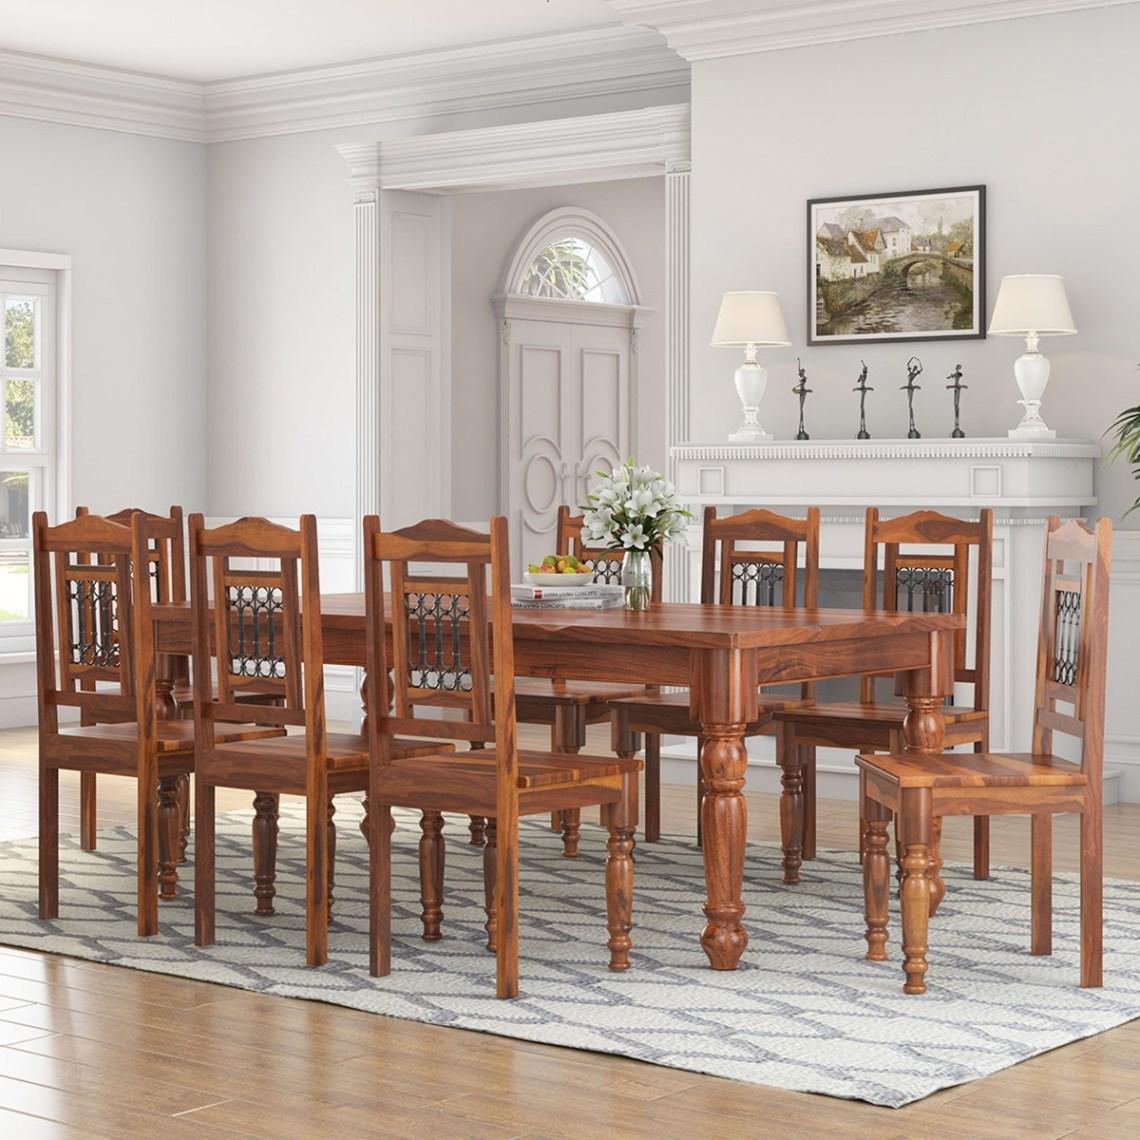 Image Result For Black Dining Room Sets